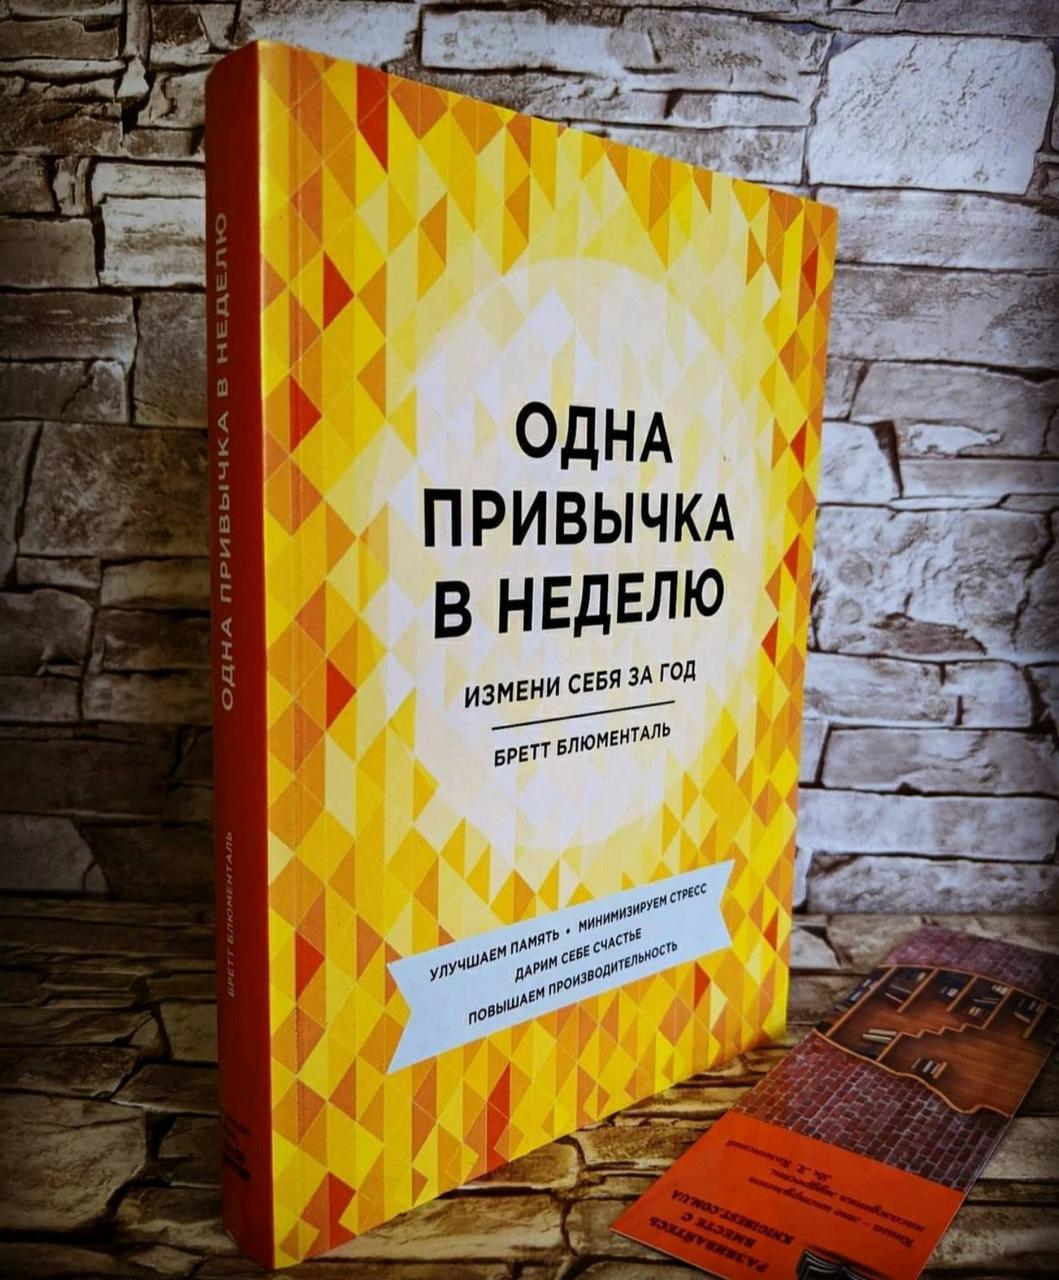 """Книга """"Одна привычка в неделю. Измени себя за год"""" Бретт Блюменталь"""